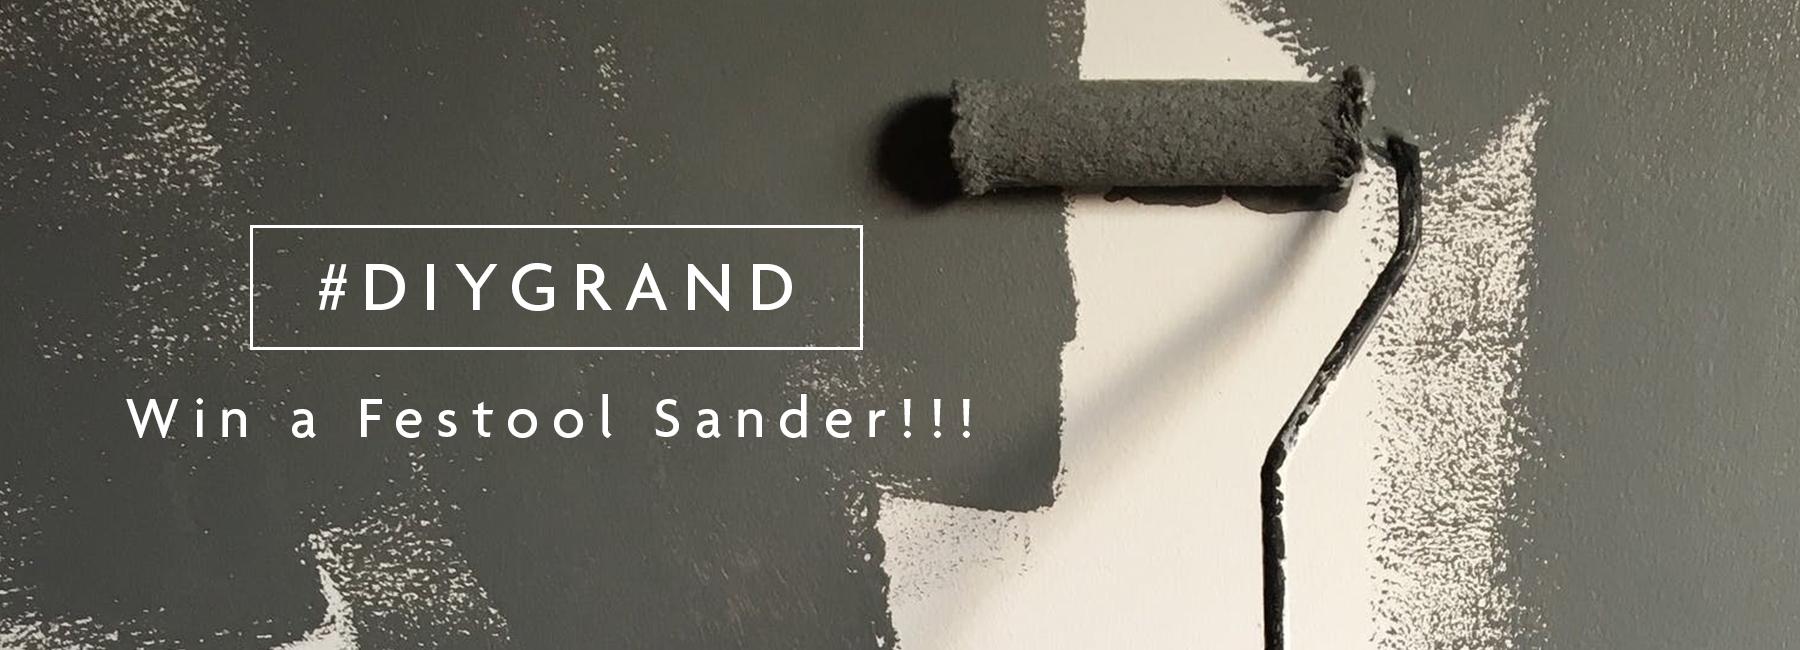 win a festool sander